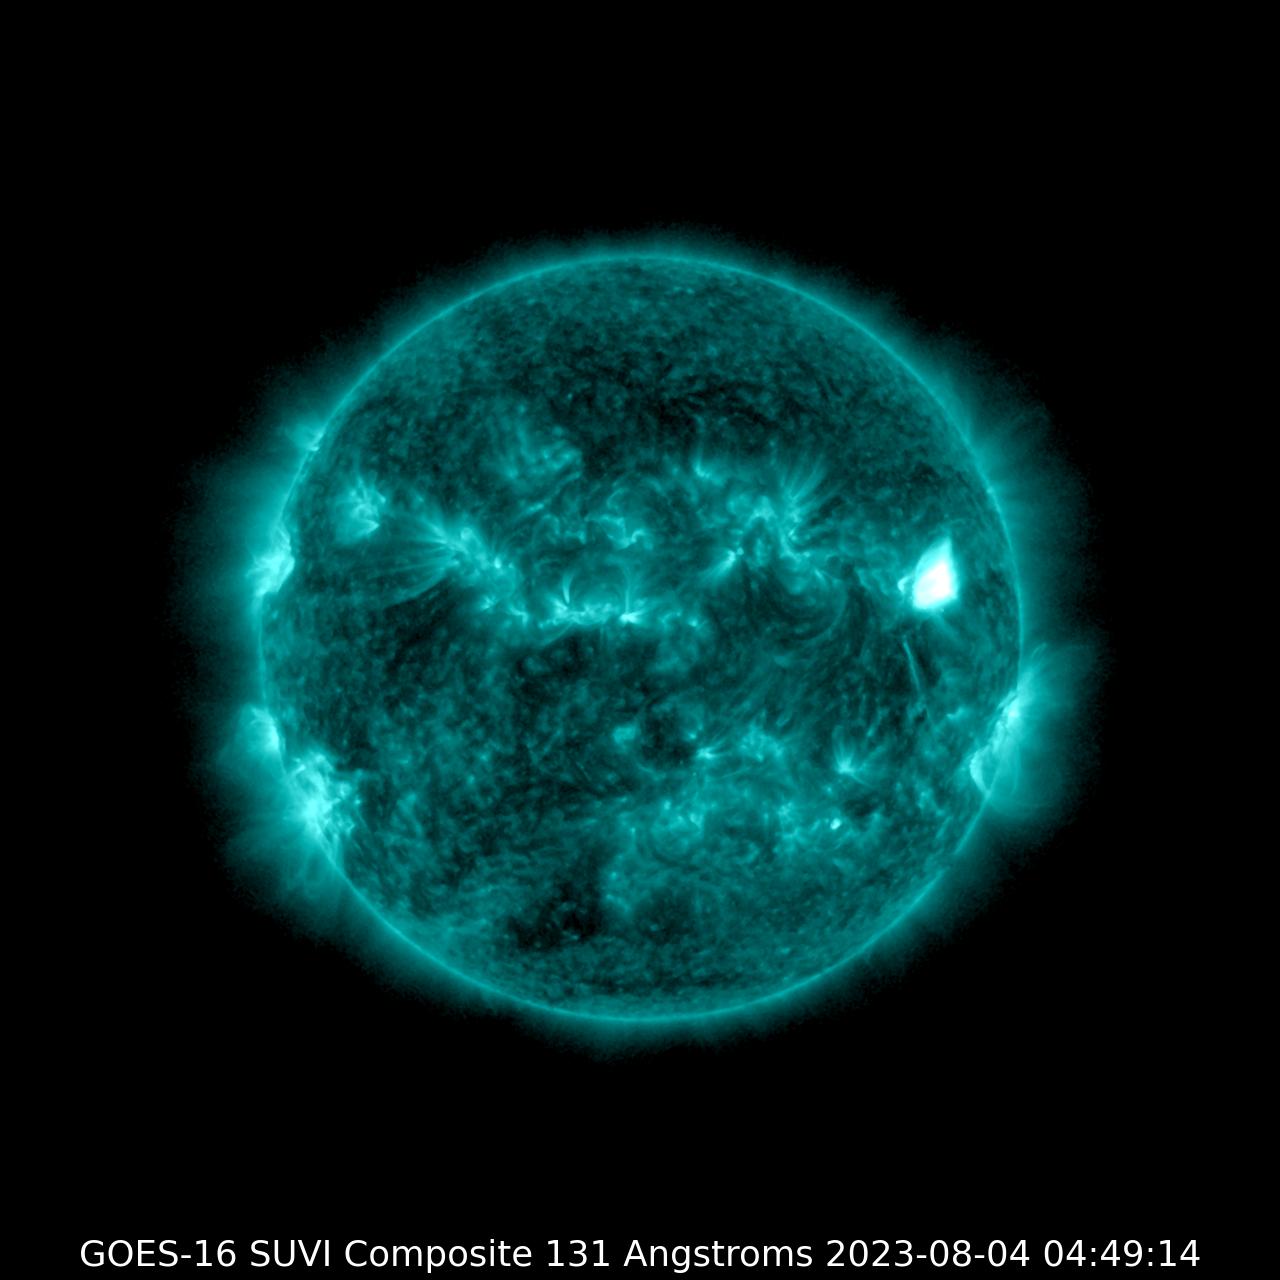 GOES-16 SUVI 131